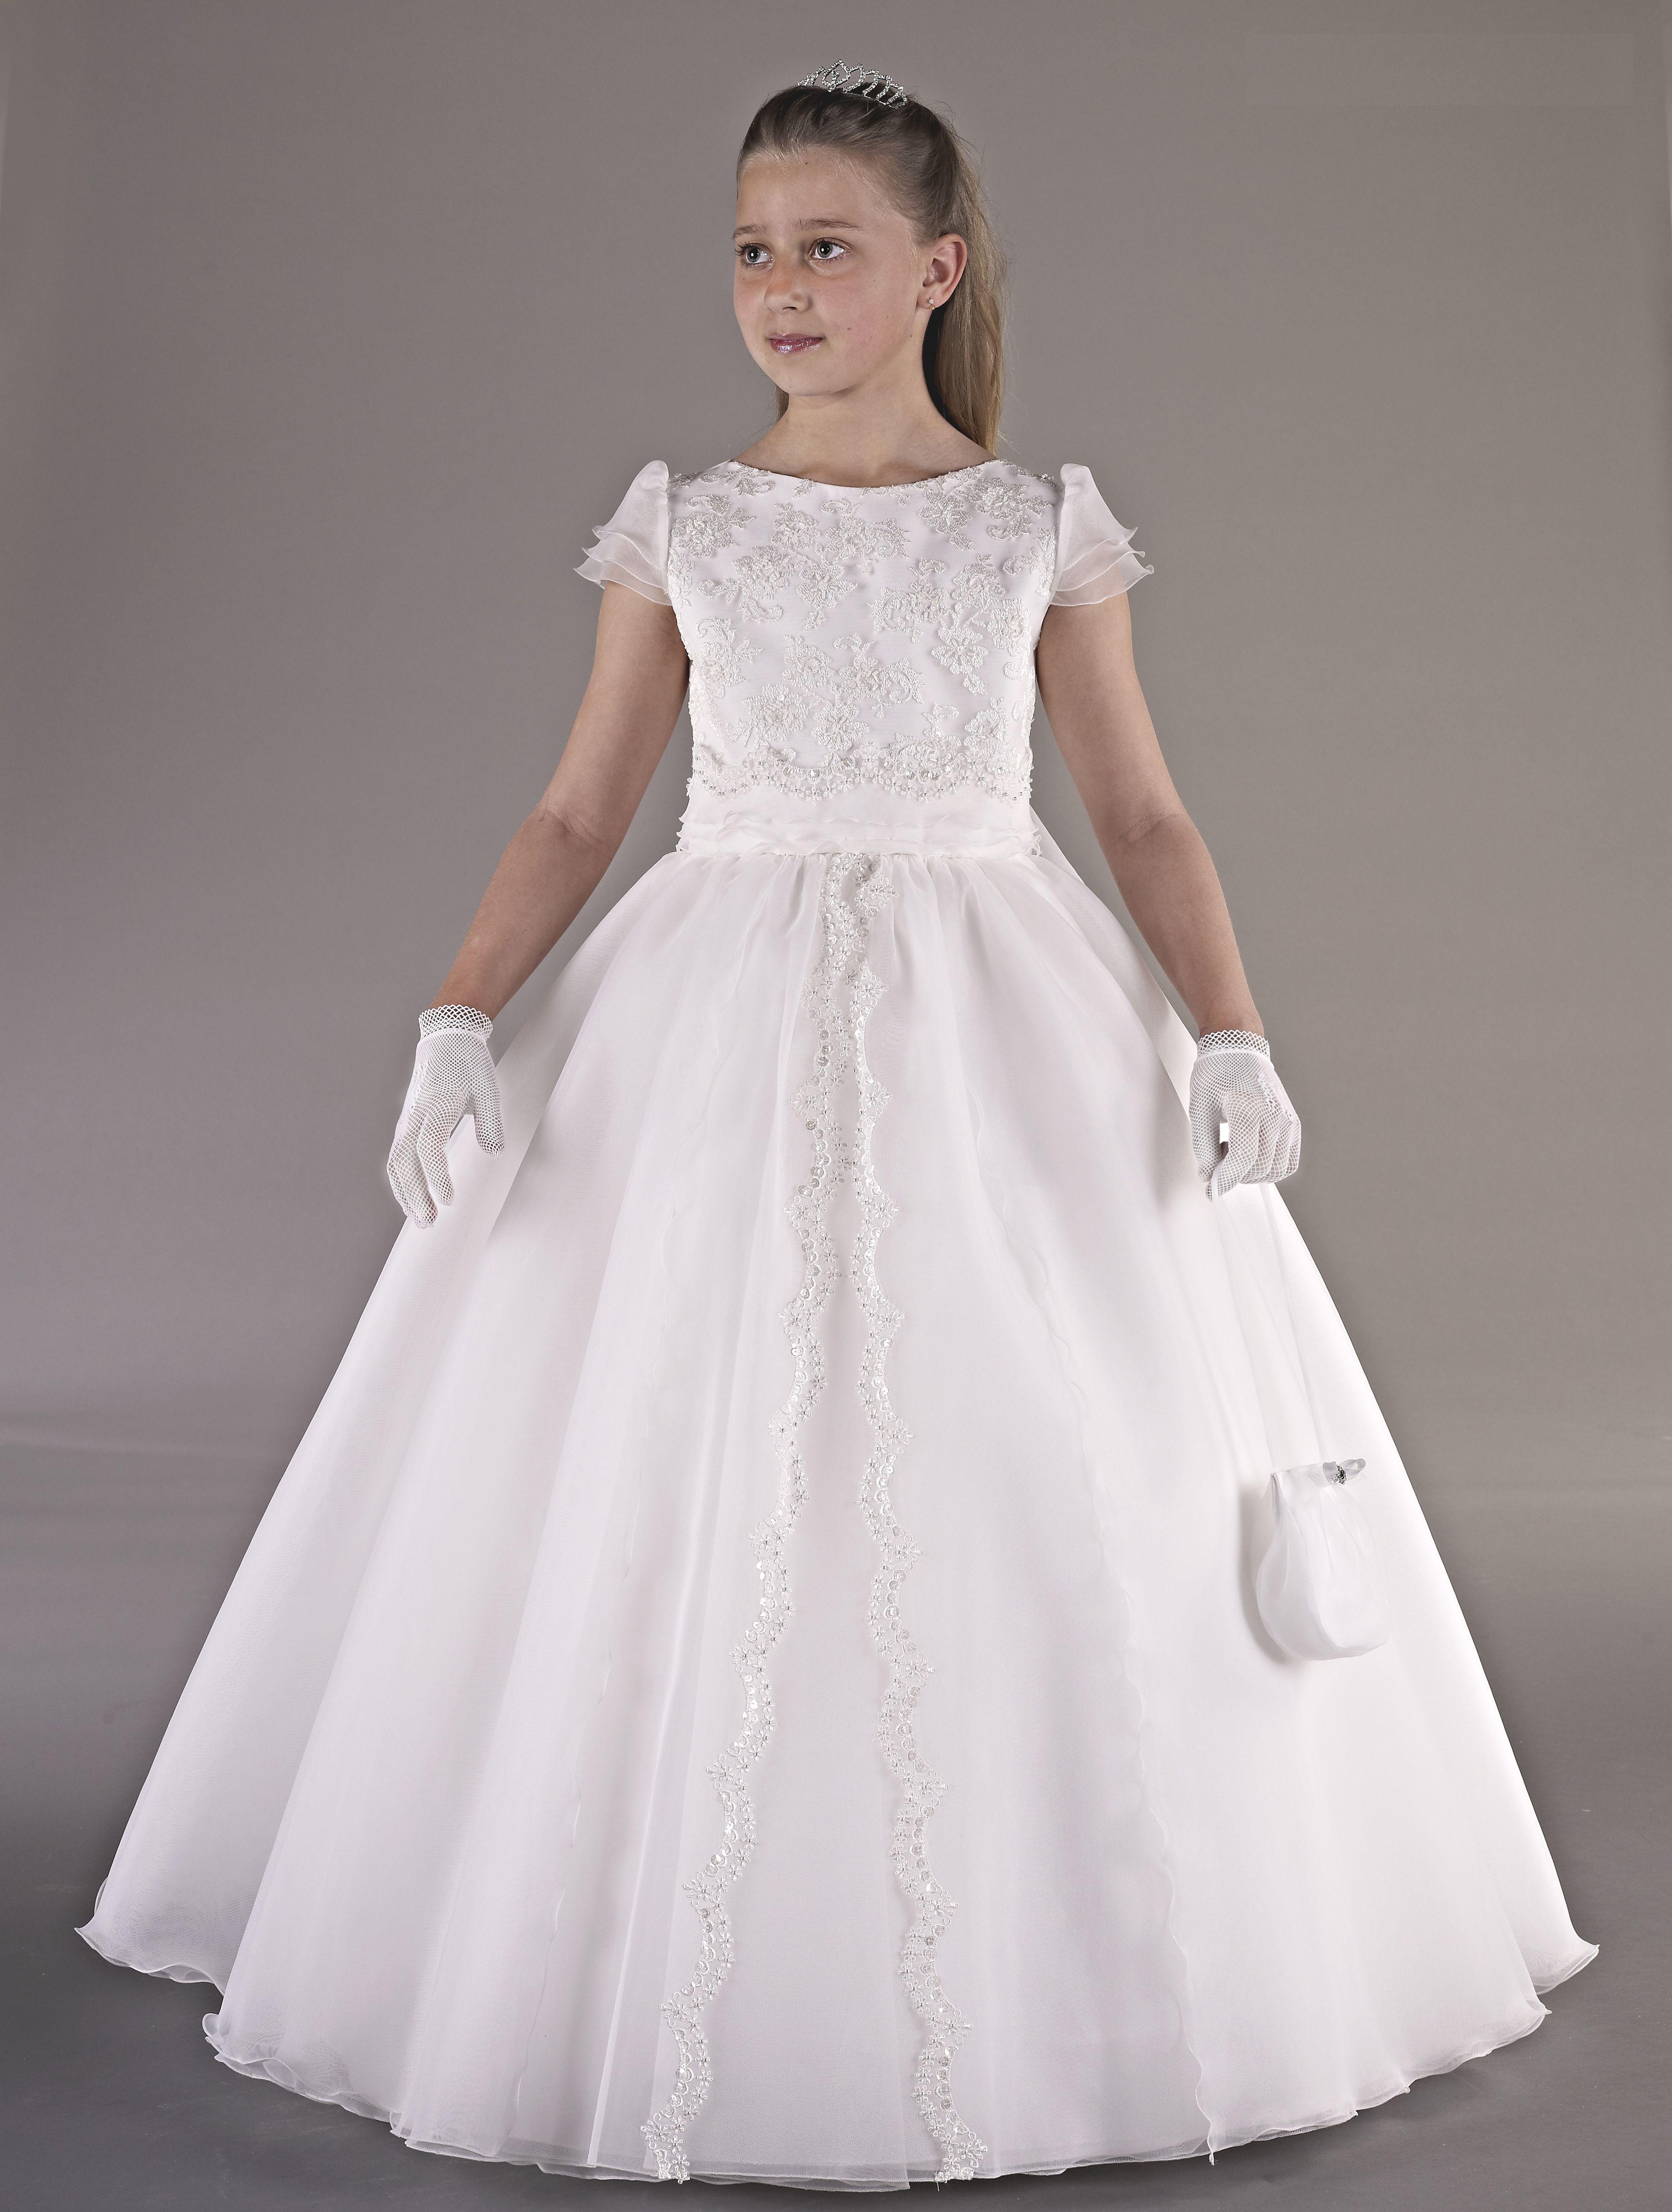 En Giancarlo Novias Parla encontraras preciosos vestidos de ...